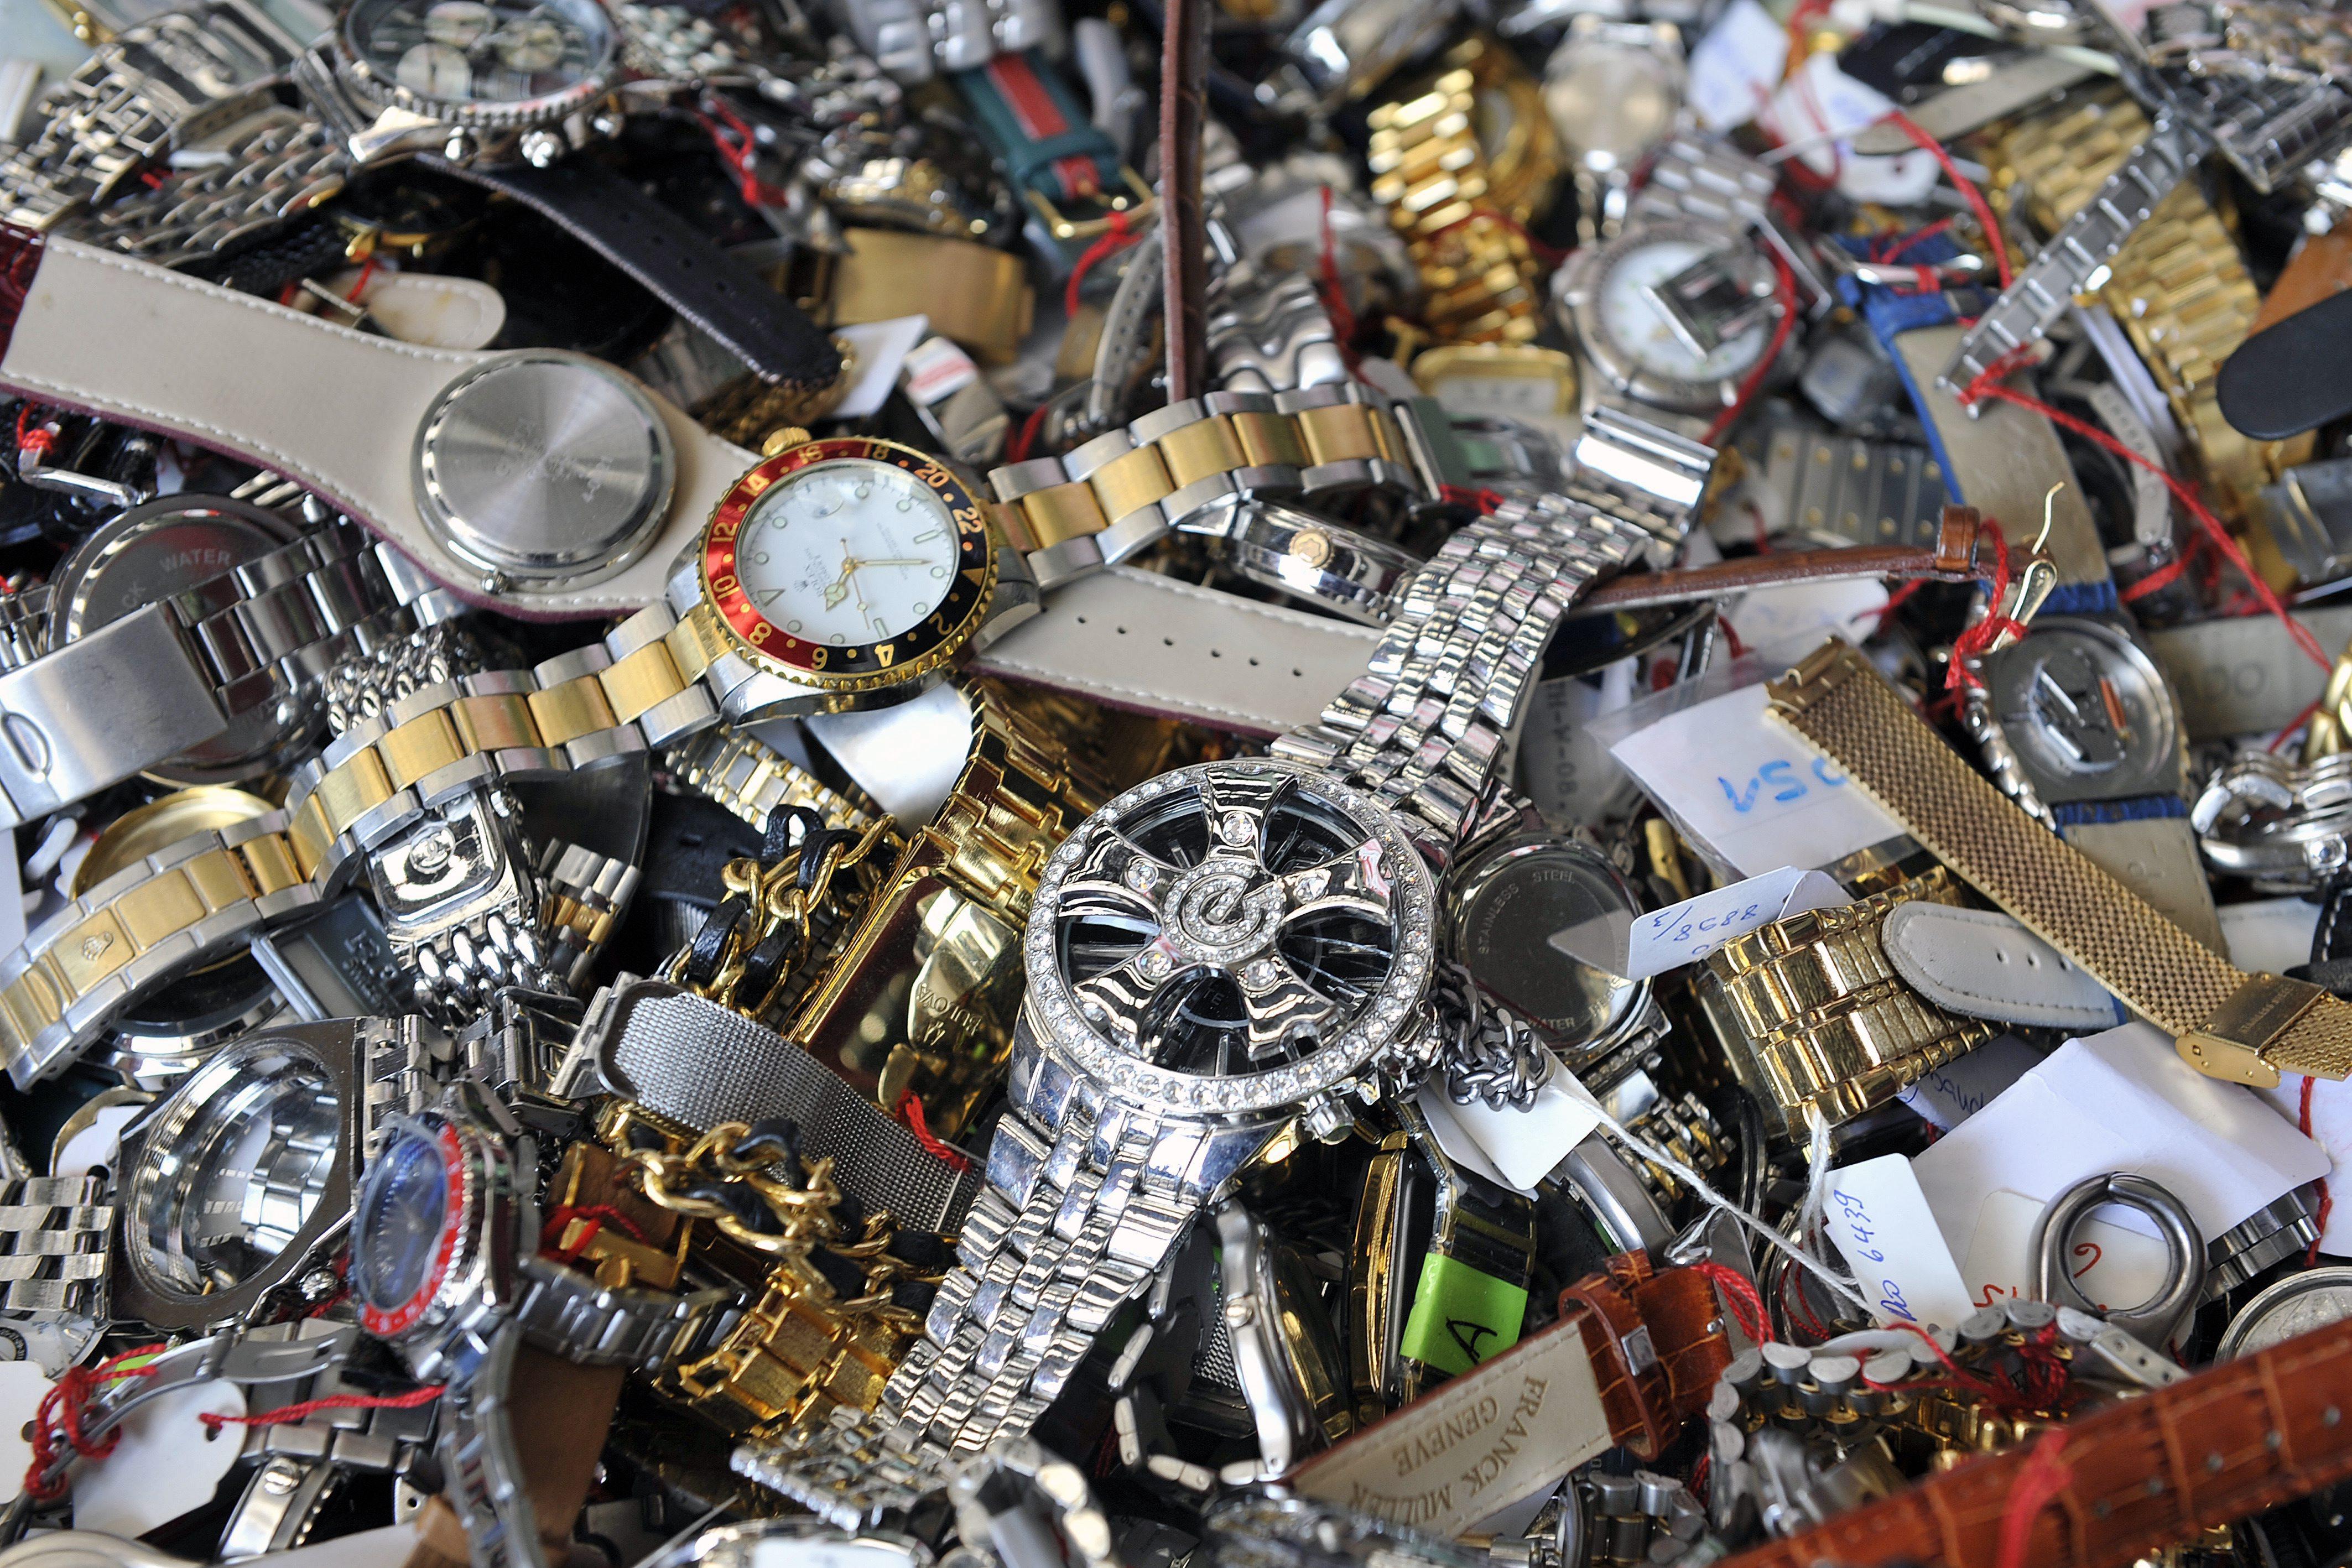 Plusieurs milliers de contrefaçons de montres suisses ont été détruites en juillet 2008, par l'entreprise MHT Recycling SA de Cressier, dans le canton de Fribourg.